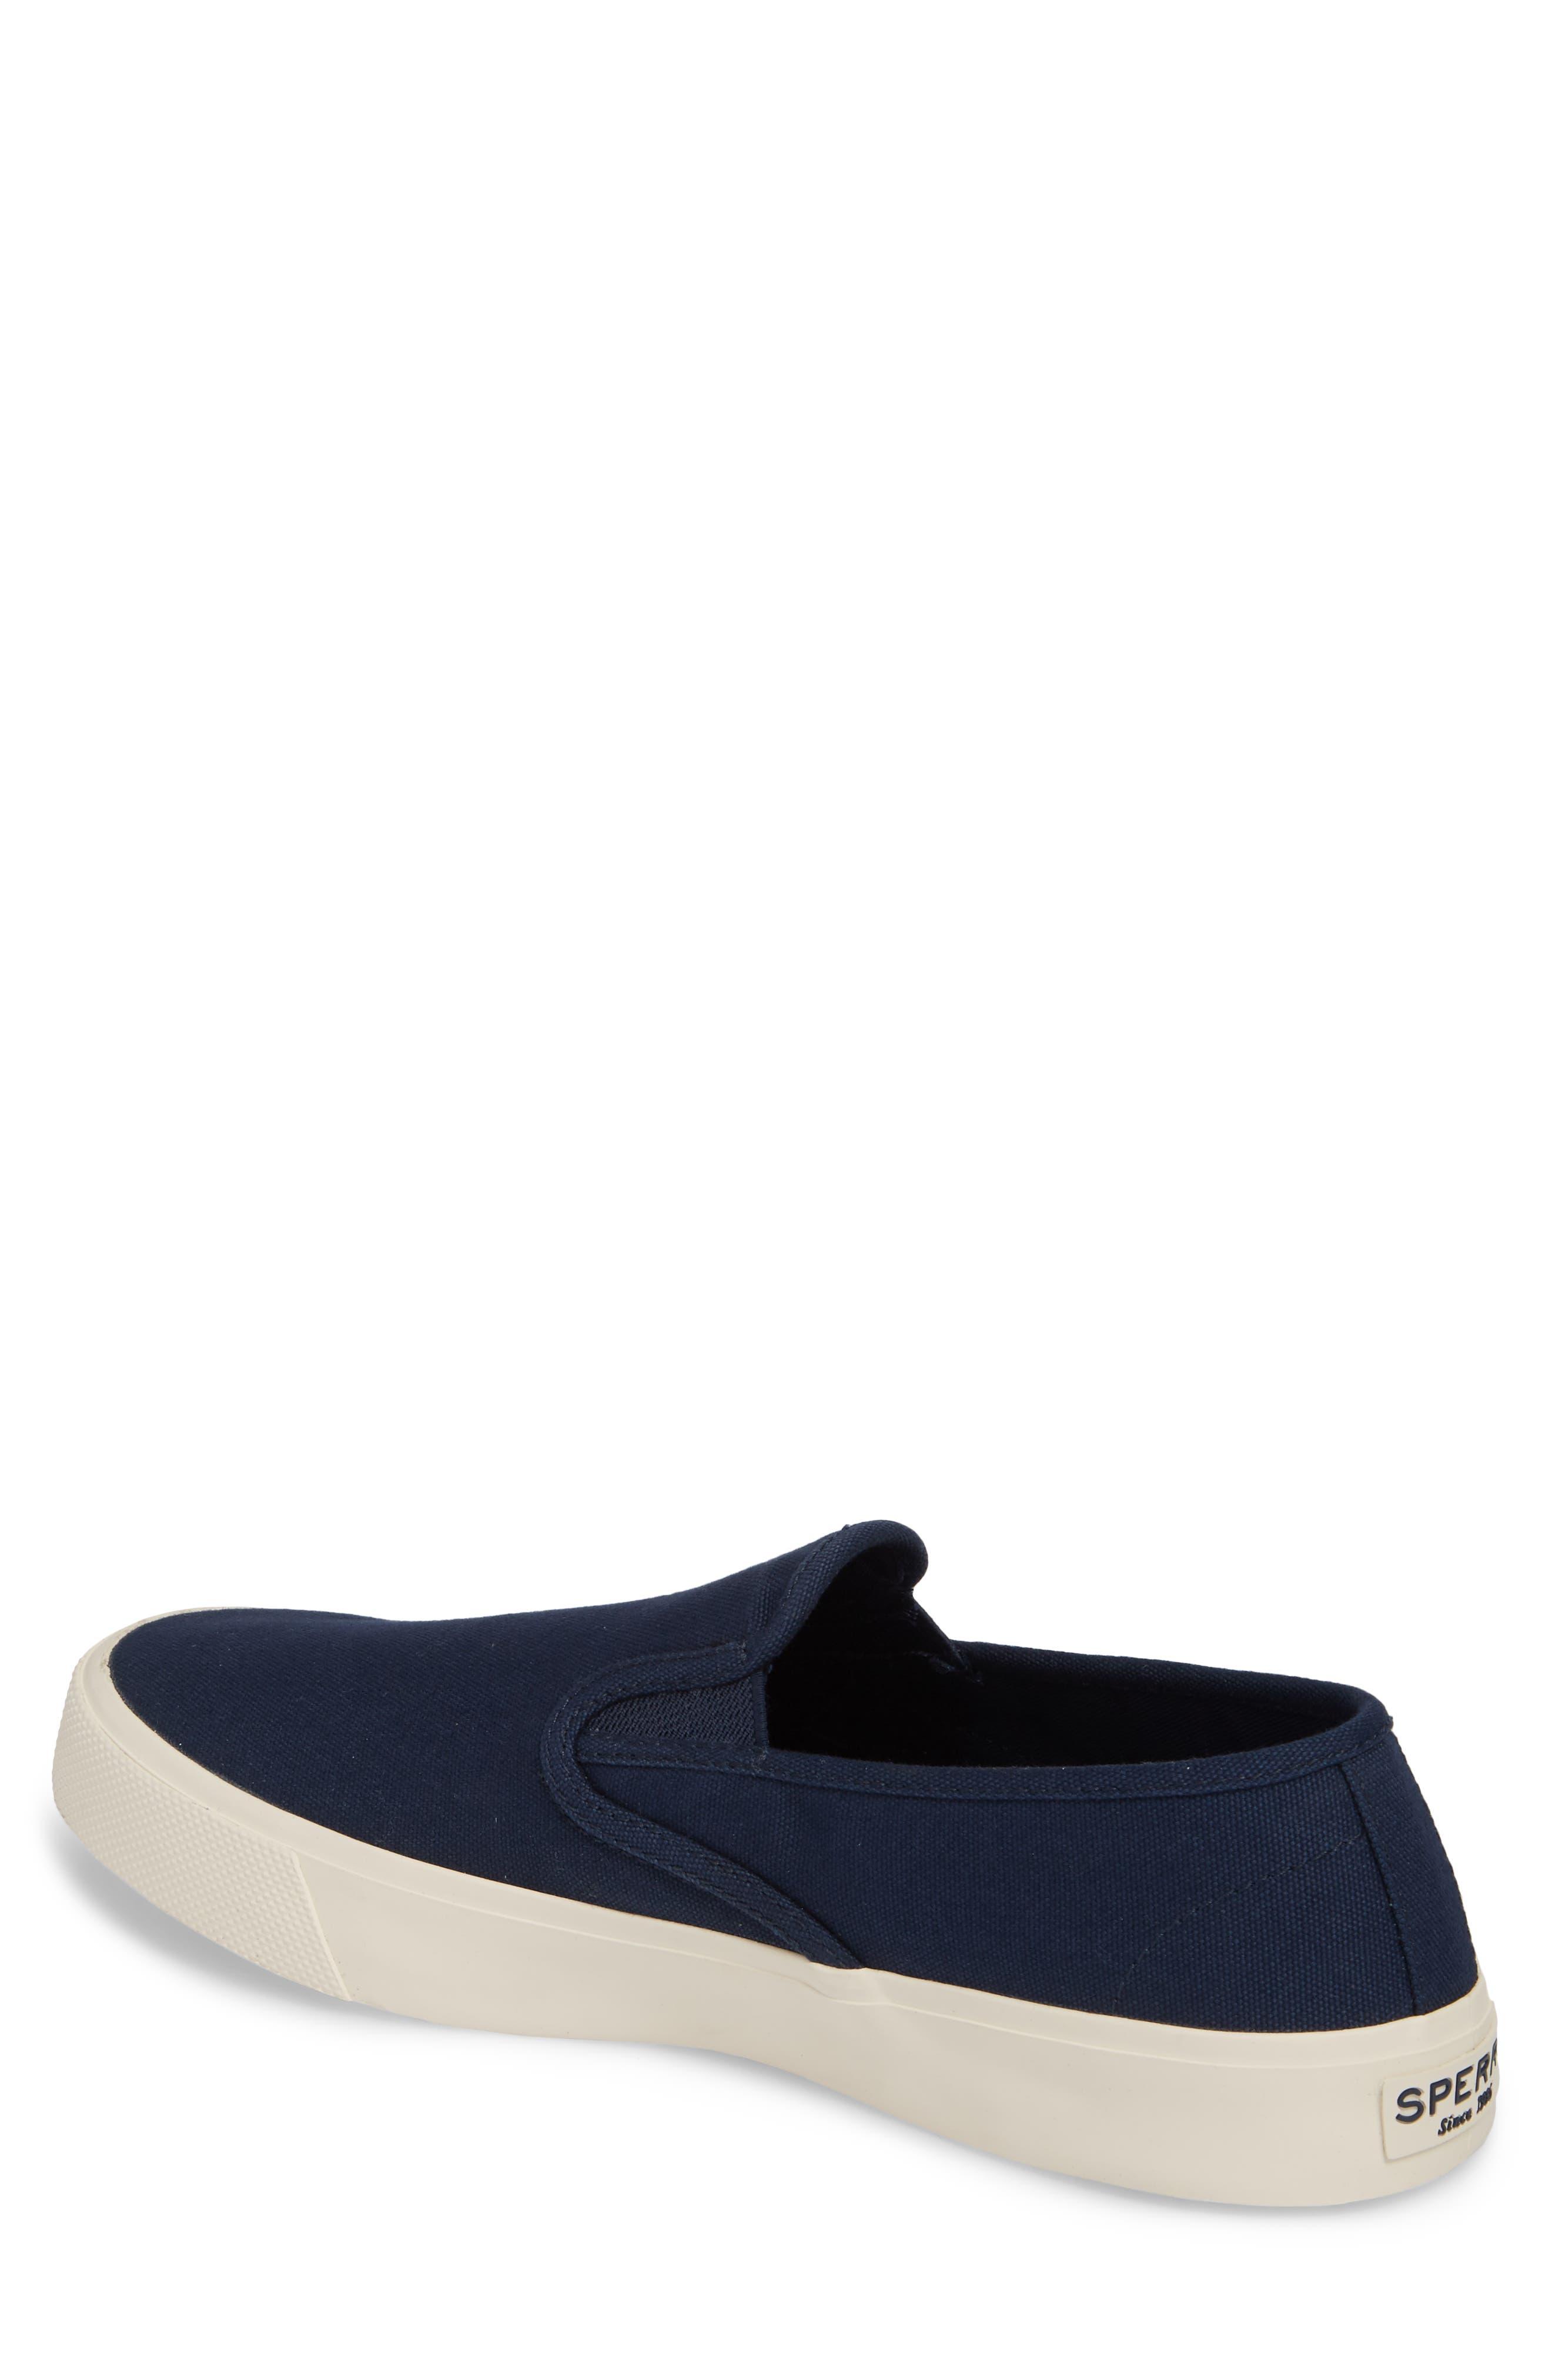 Striper II Slip-On Sneaker,                             Alternate thumbnail 2, color,                             Navy